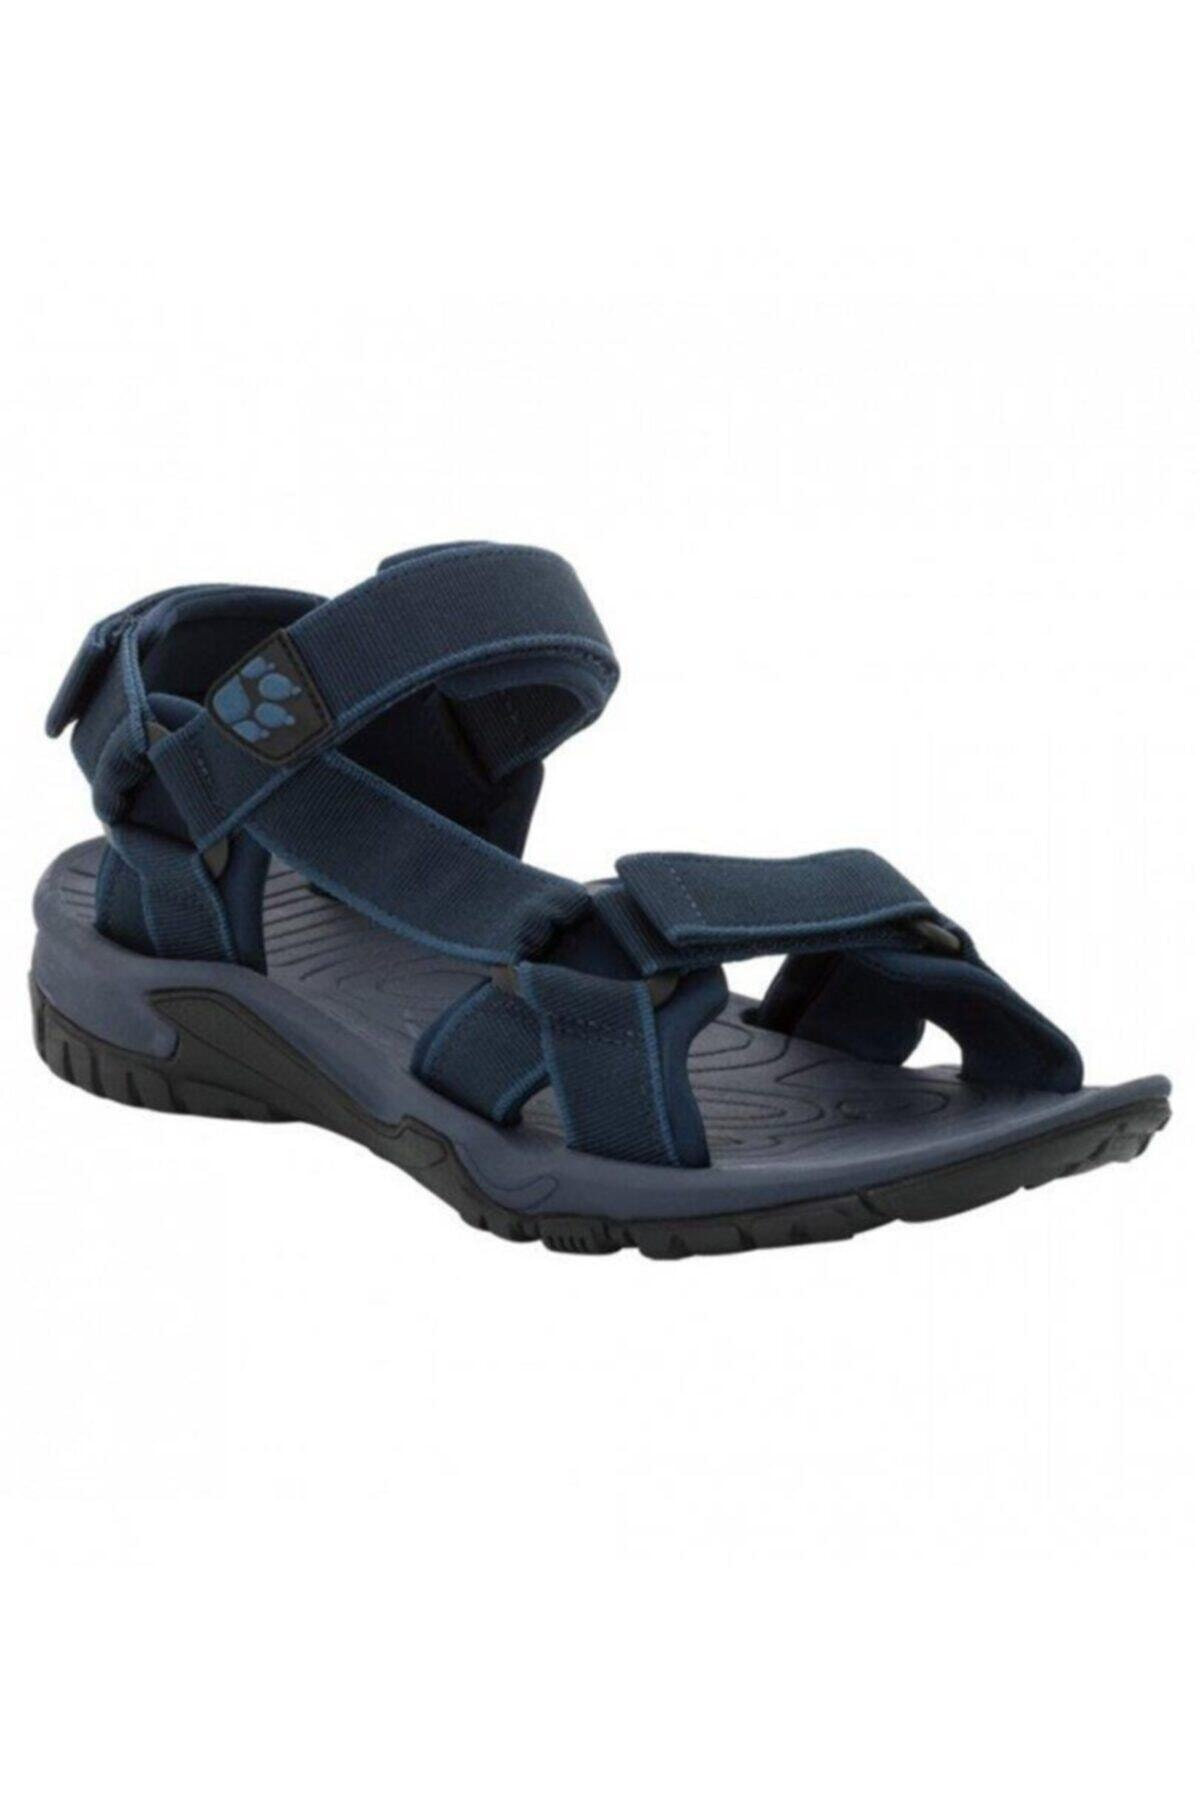 Jack Wolfskin Lakewood Ride Erkek Sandalet - 4019021-1010 1